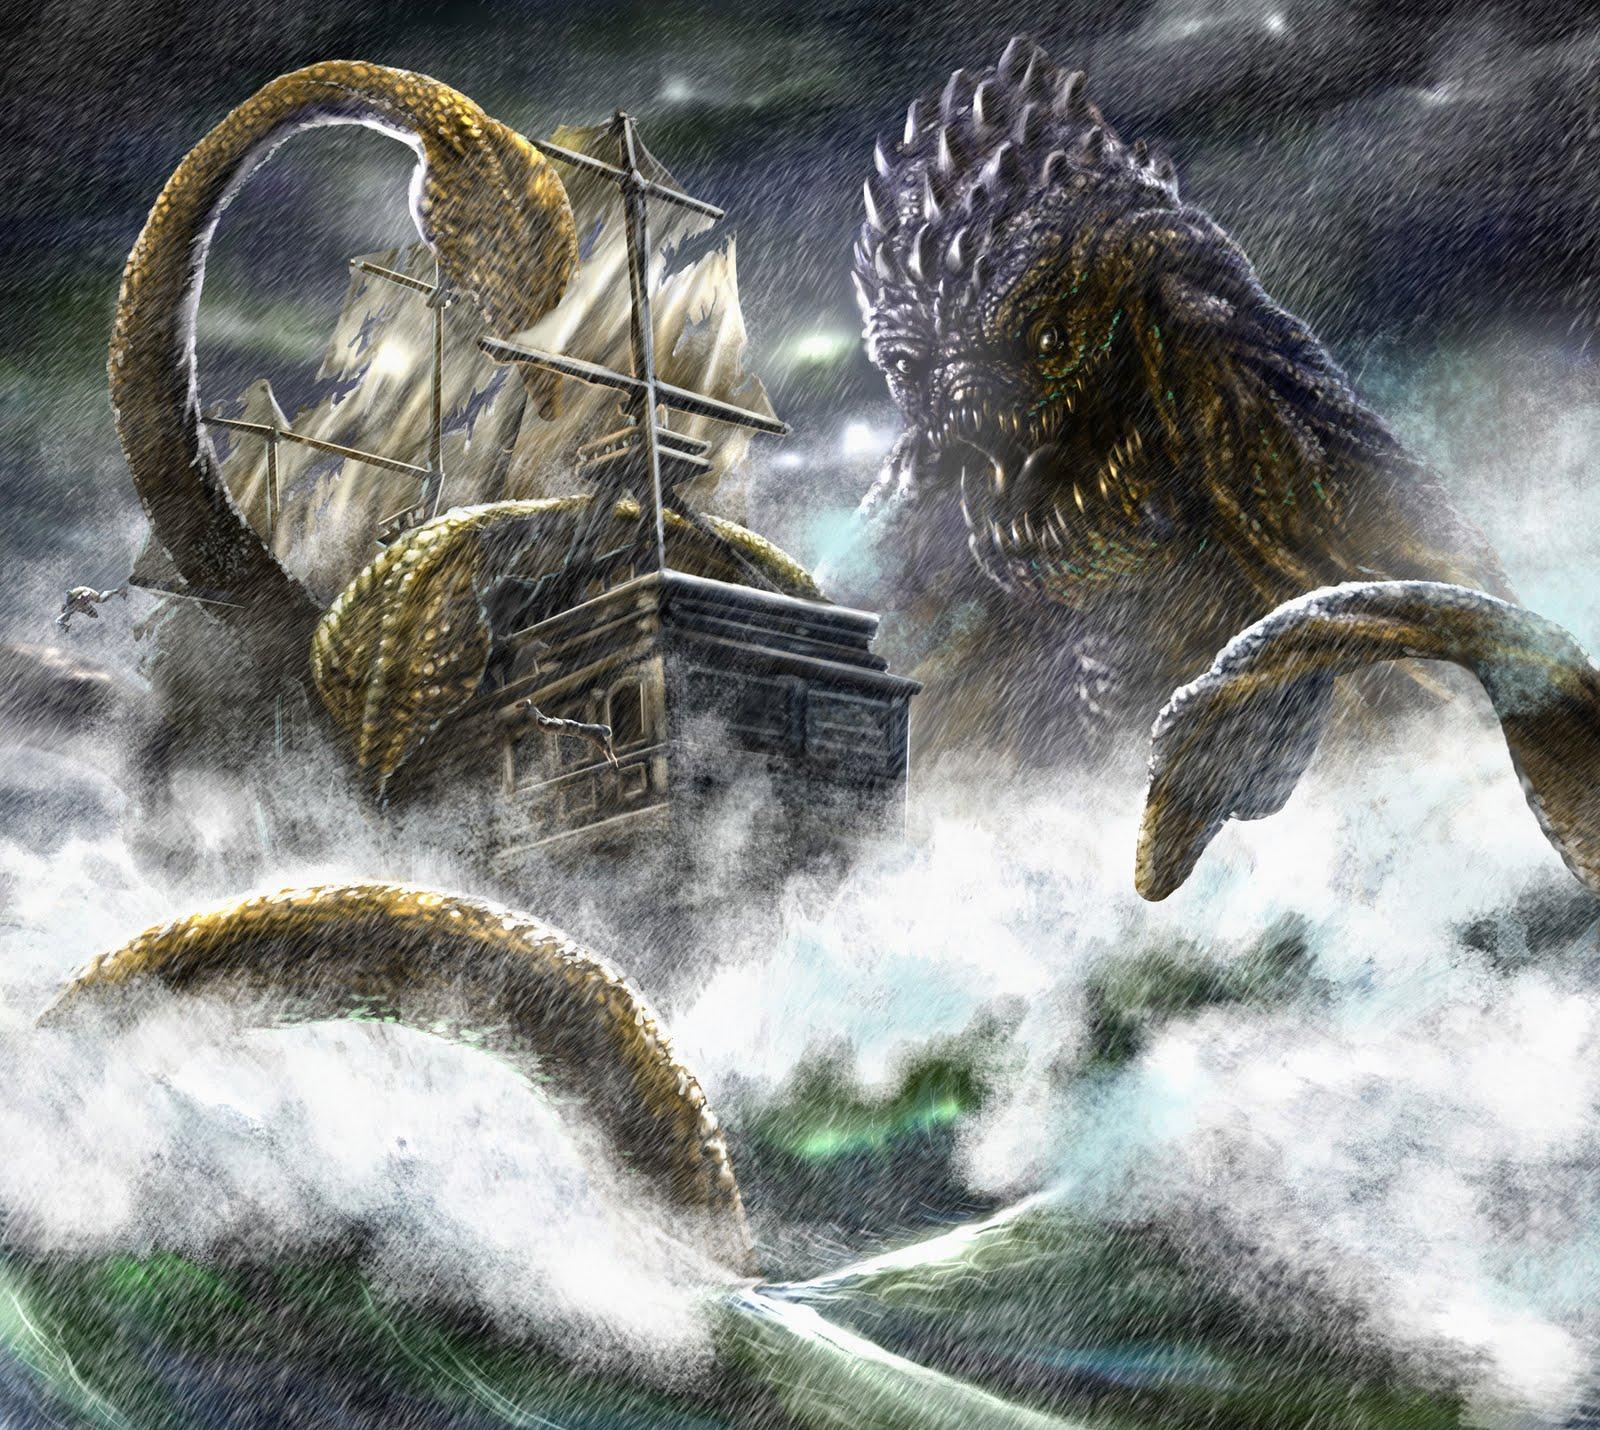 poseidon vs the kraken - photo #32